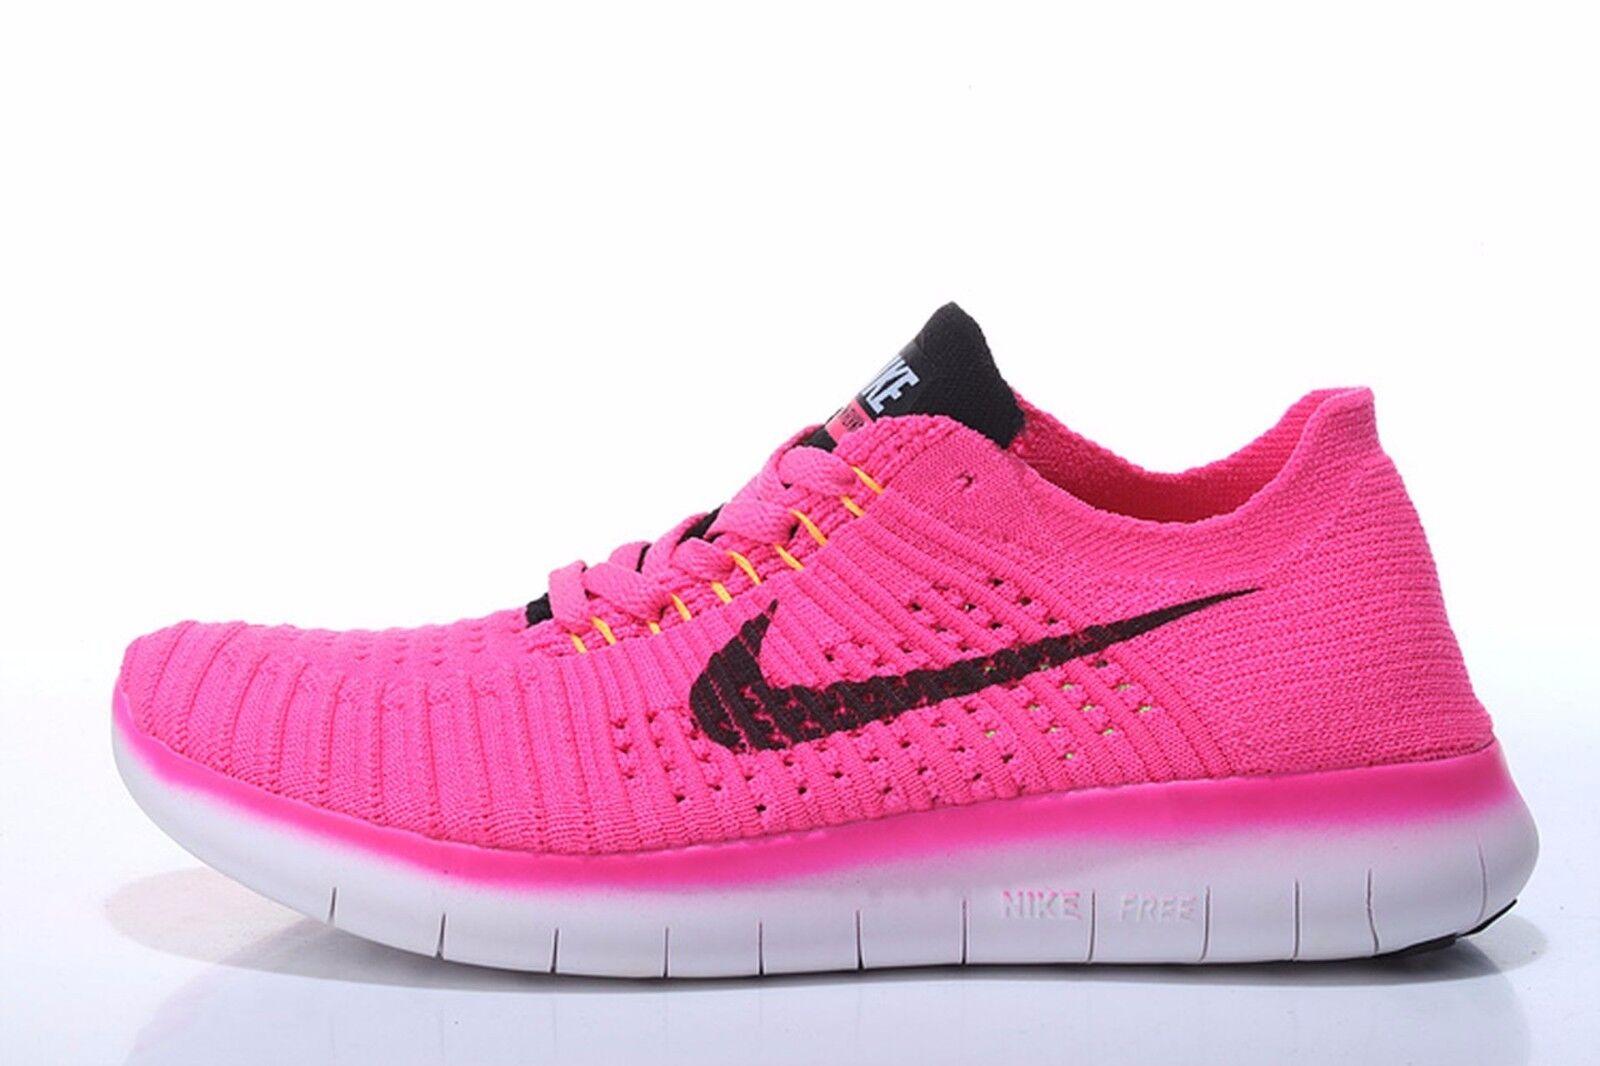 0c33b6975de23 Nike Free RN Flyknit Flyknit Flyknit 831070 600 Wmn Sz 8 Pink  Blast Black-Laser Orange-Hyp Pun 04548c